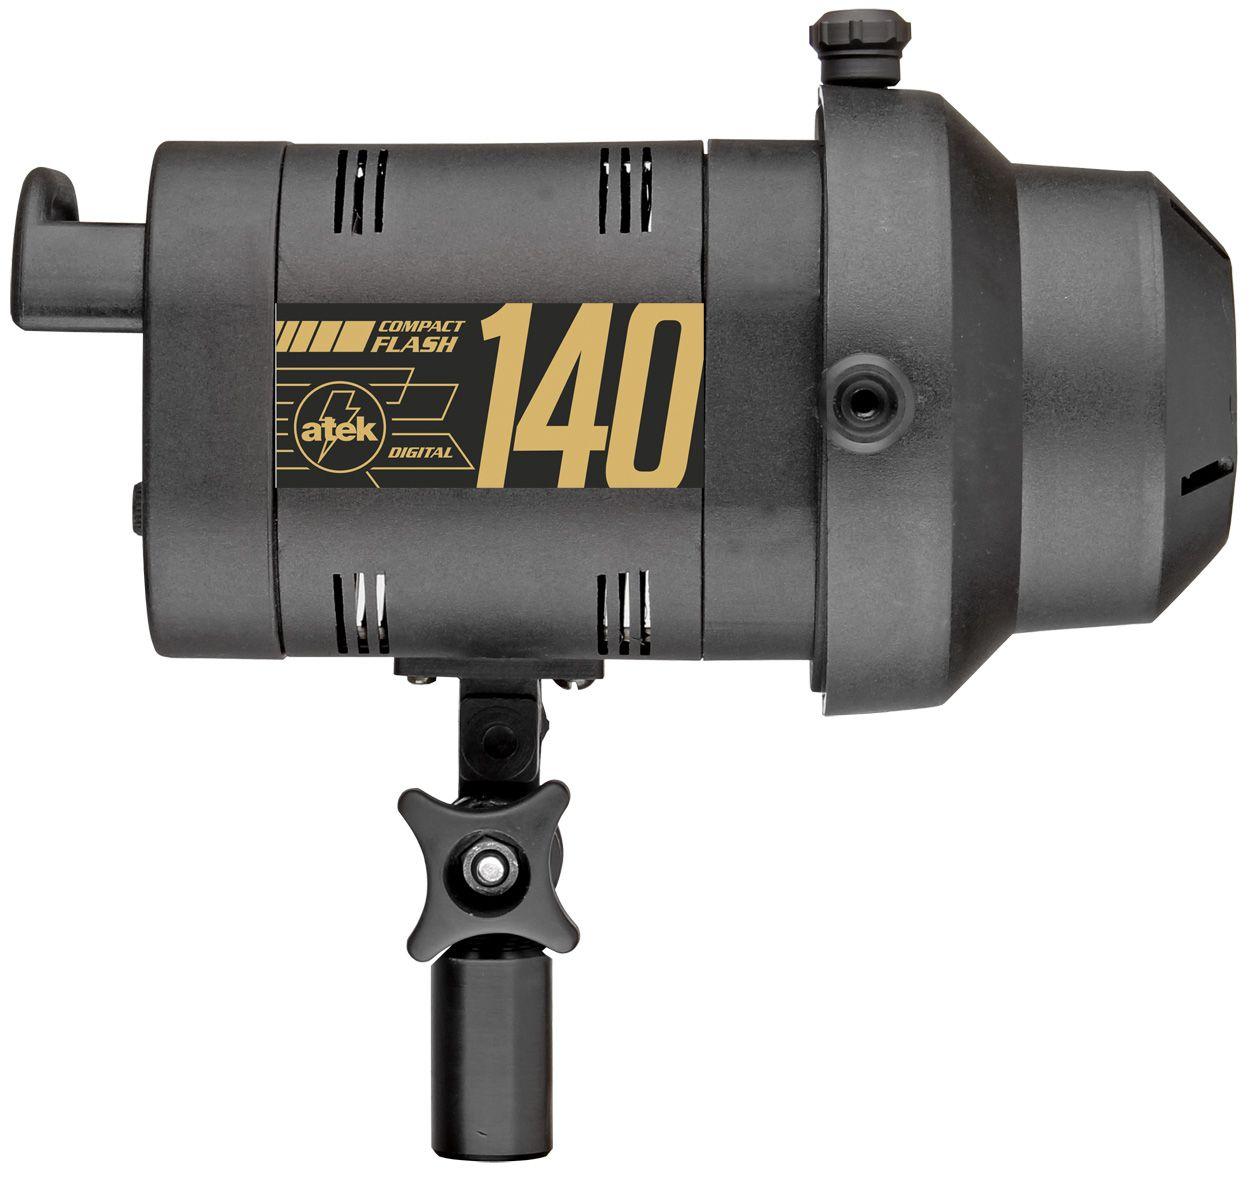 AT142D Studio Digital Compact Flash 140